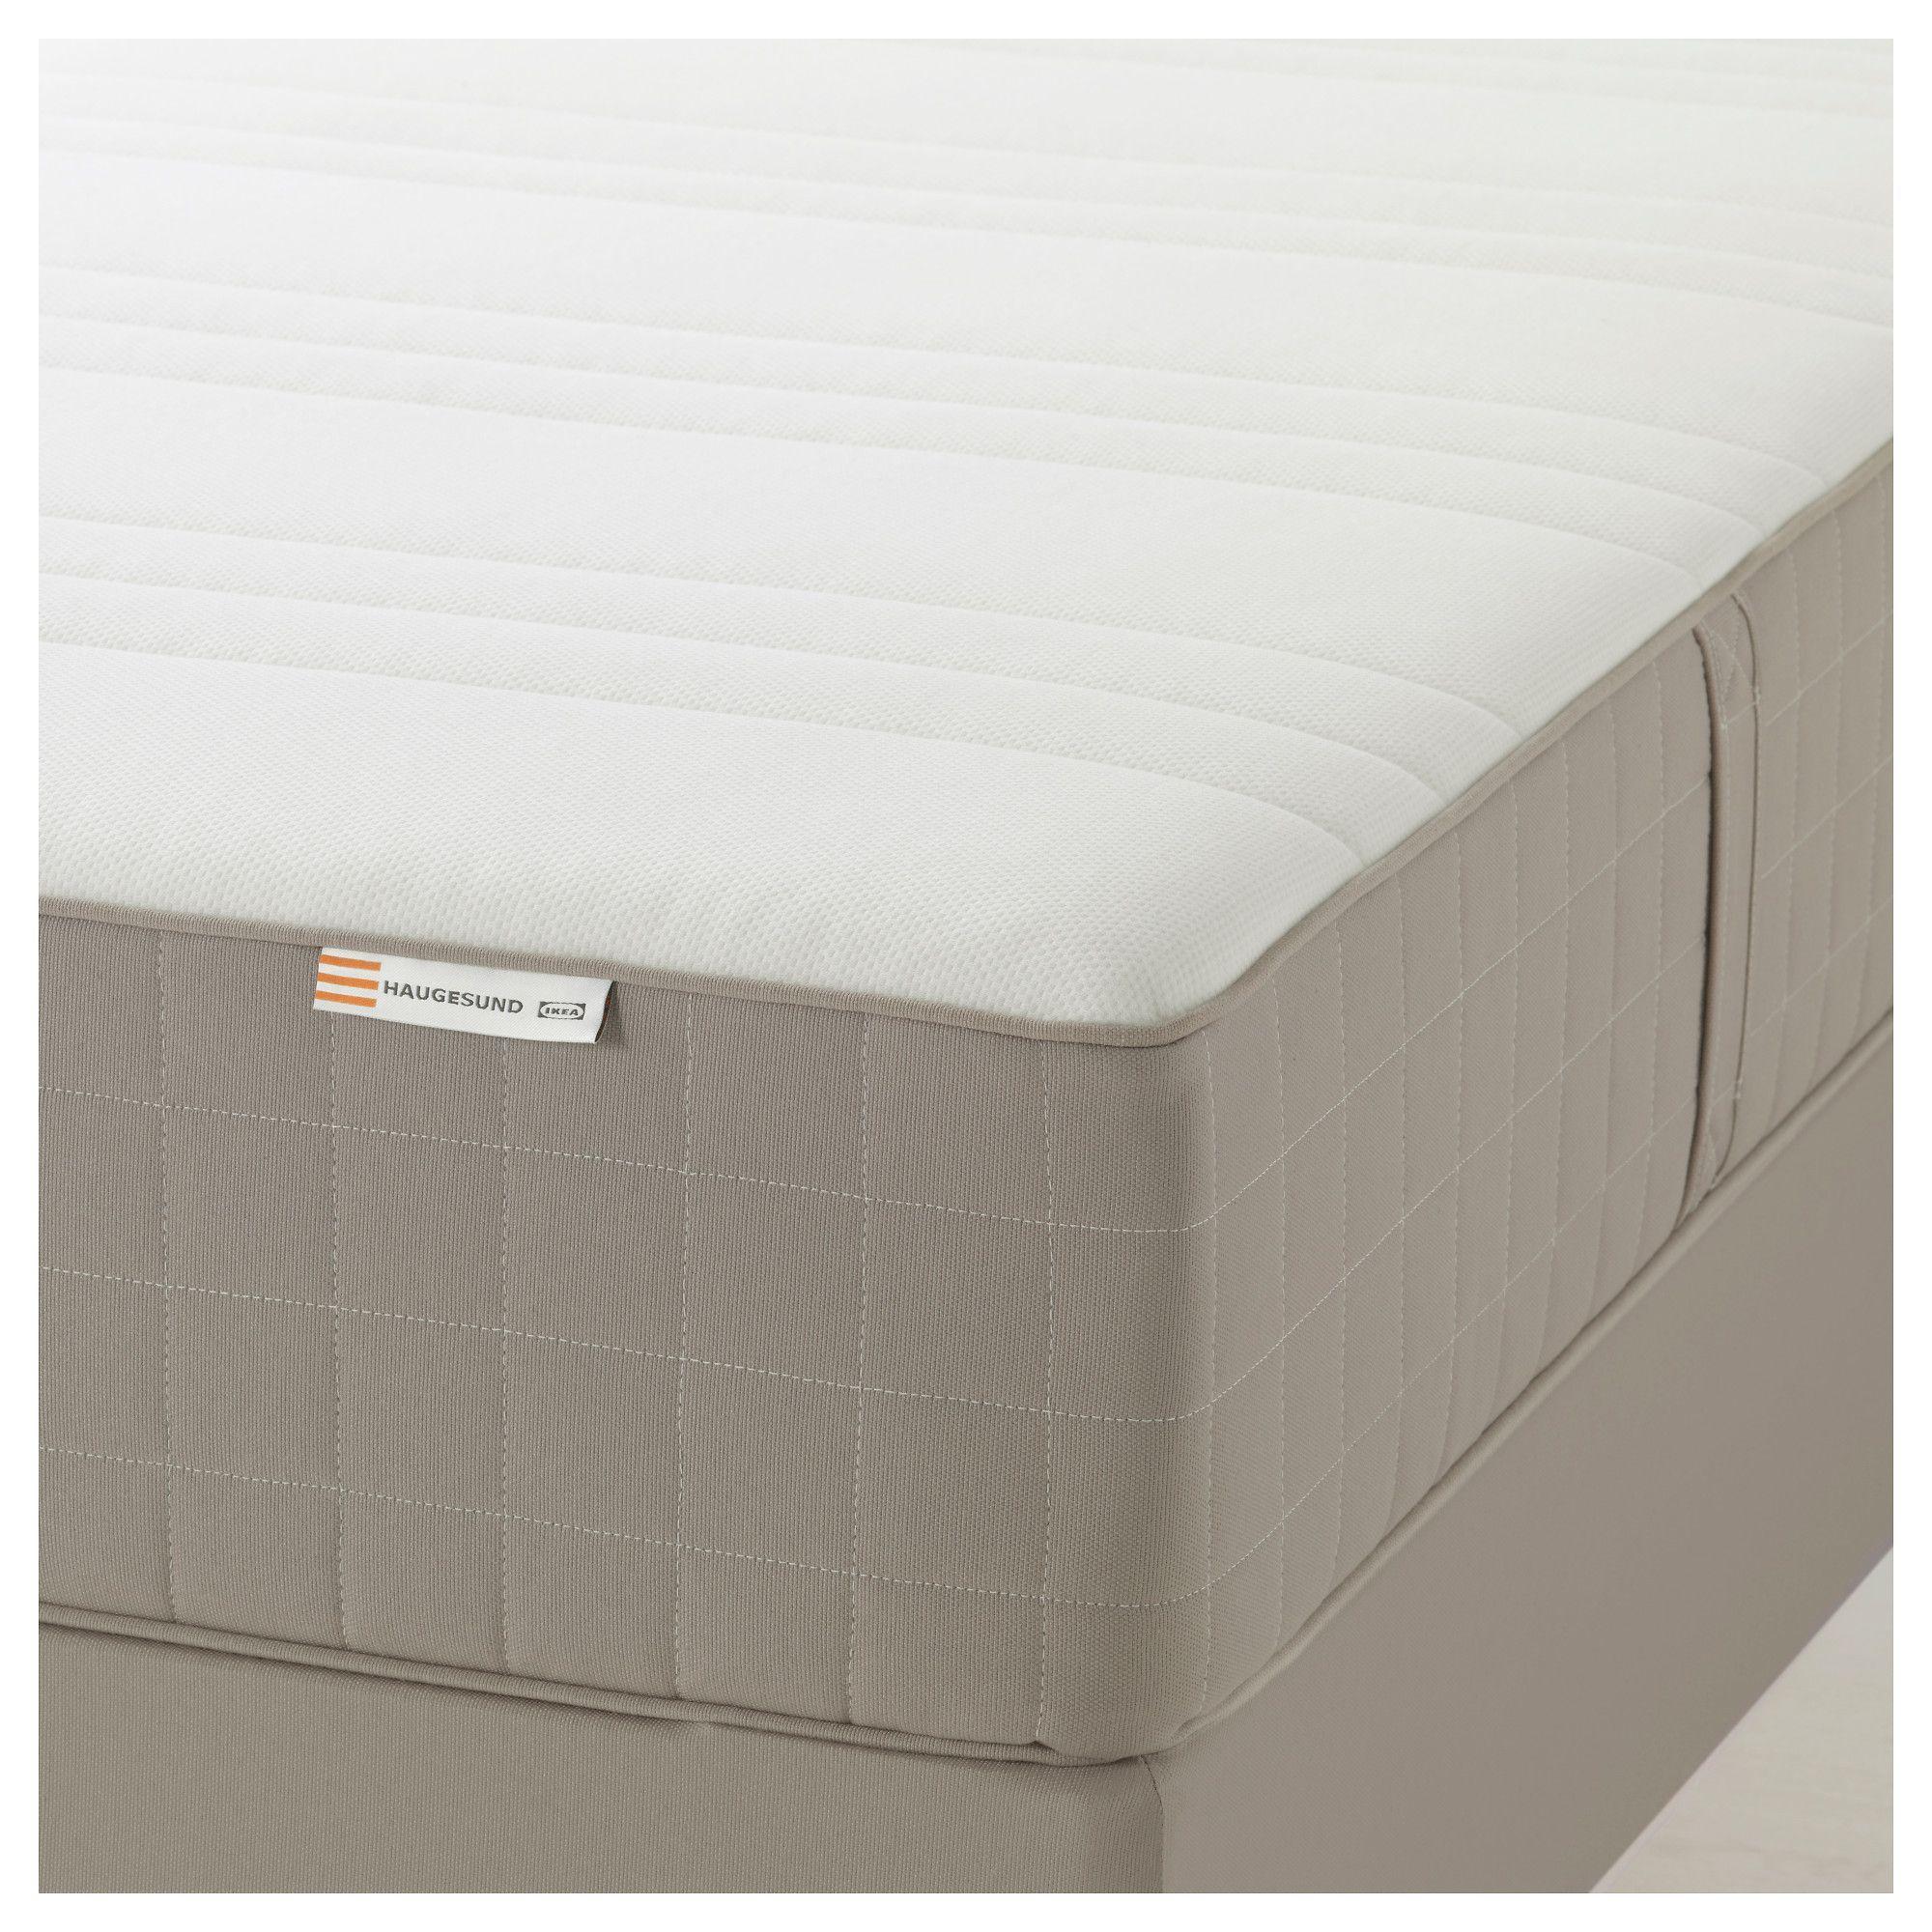 ikea haugesund spring mattress firm dark beige mattressfirm